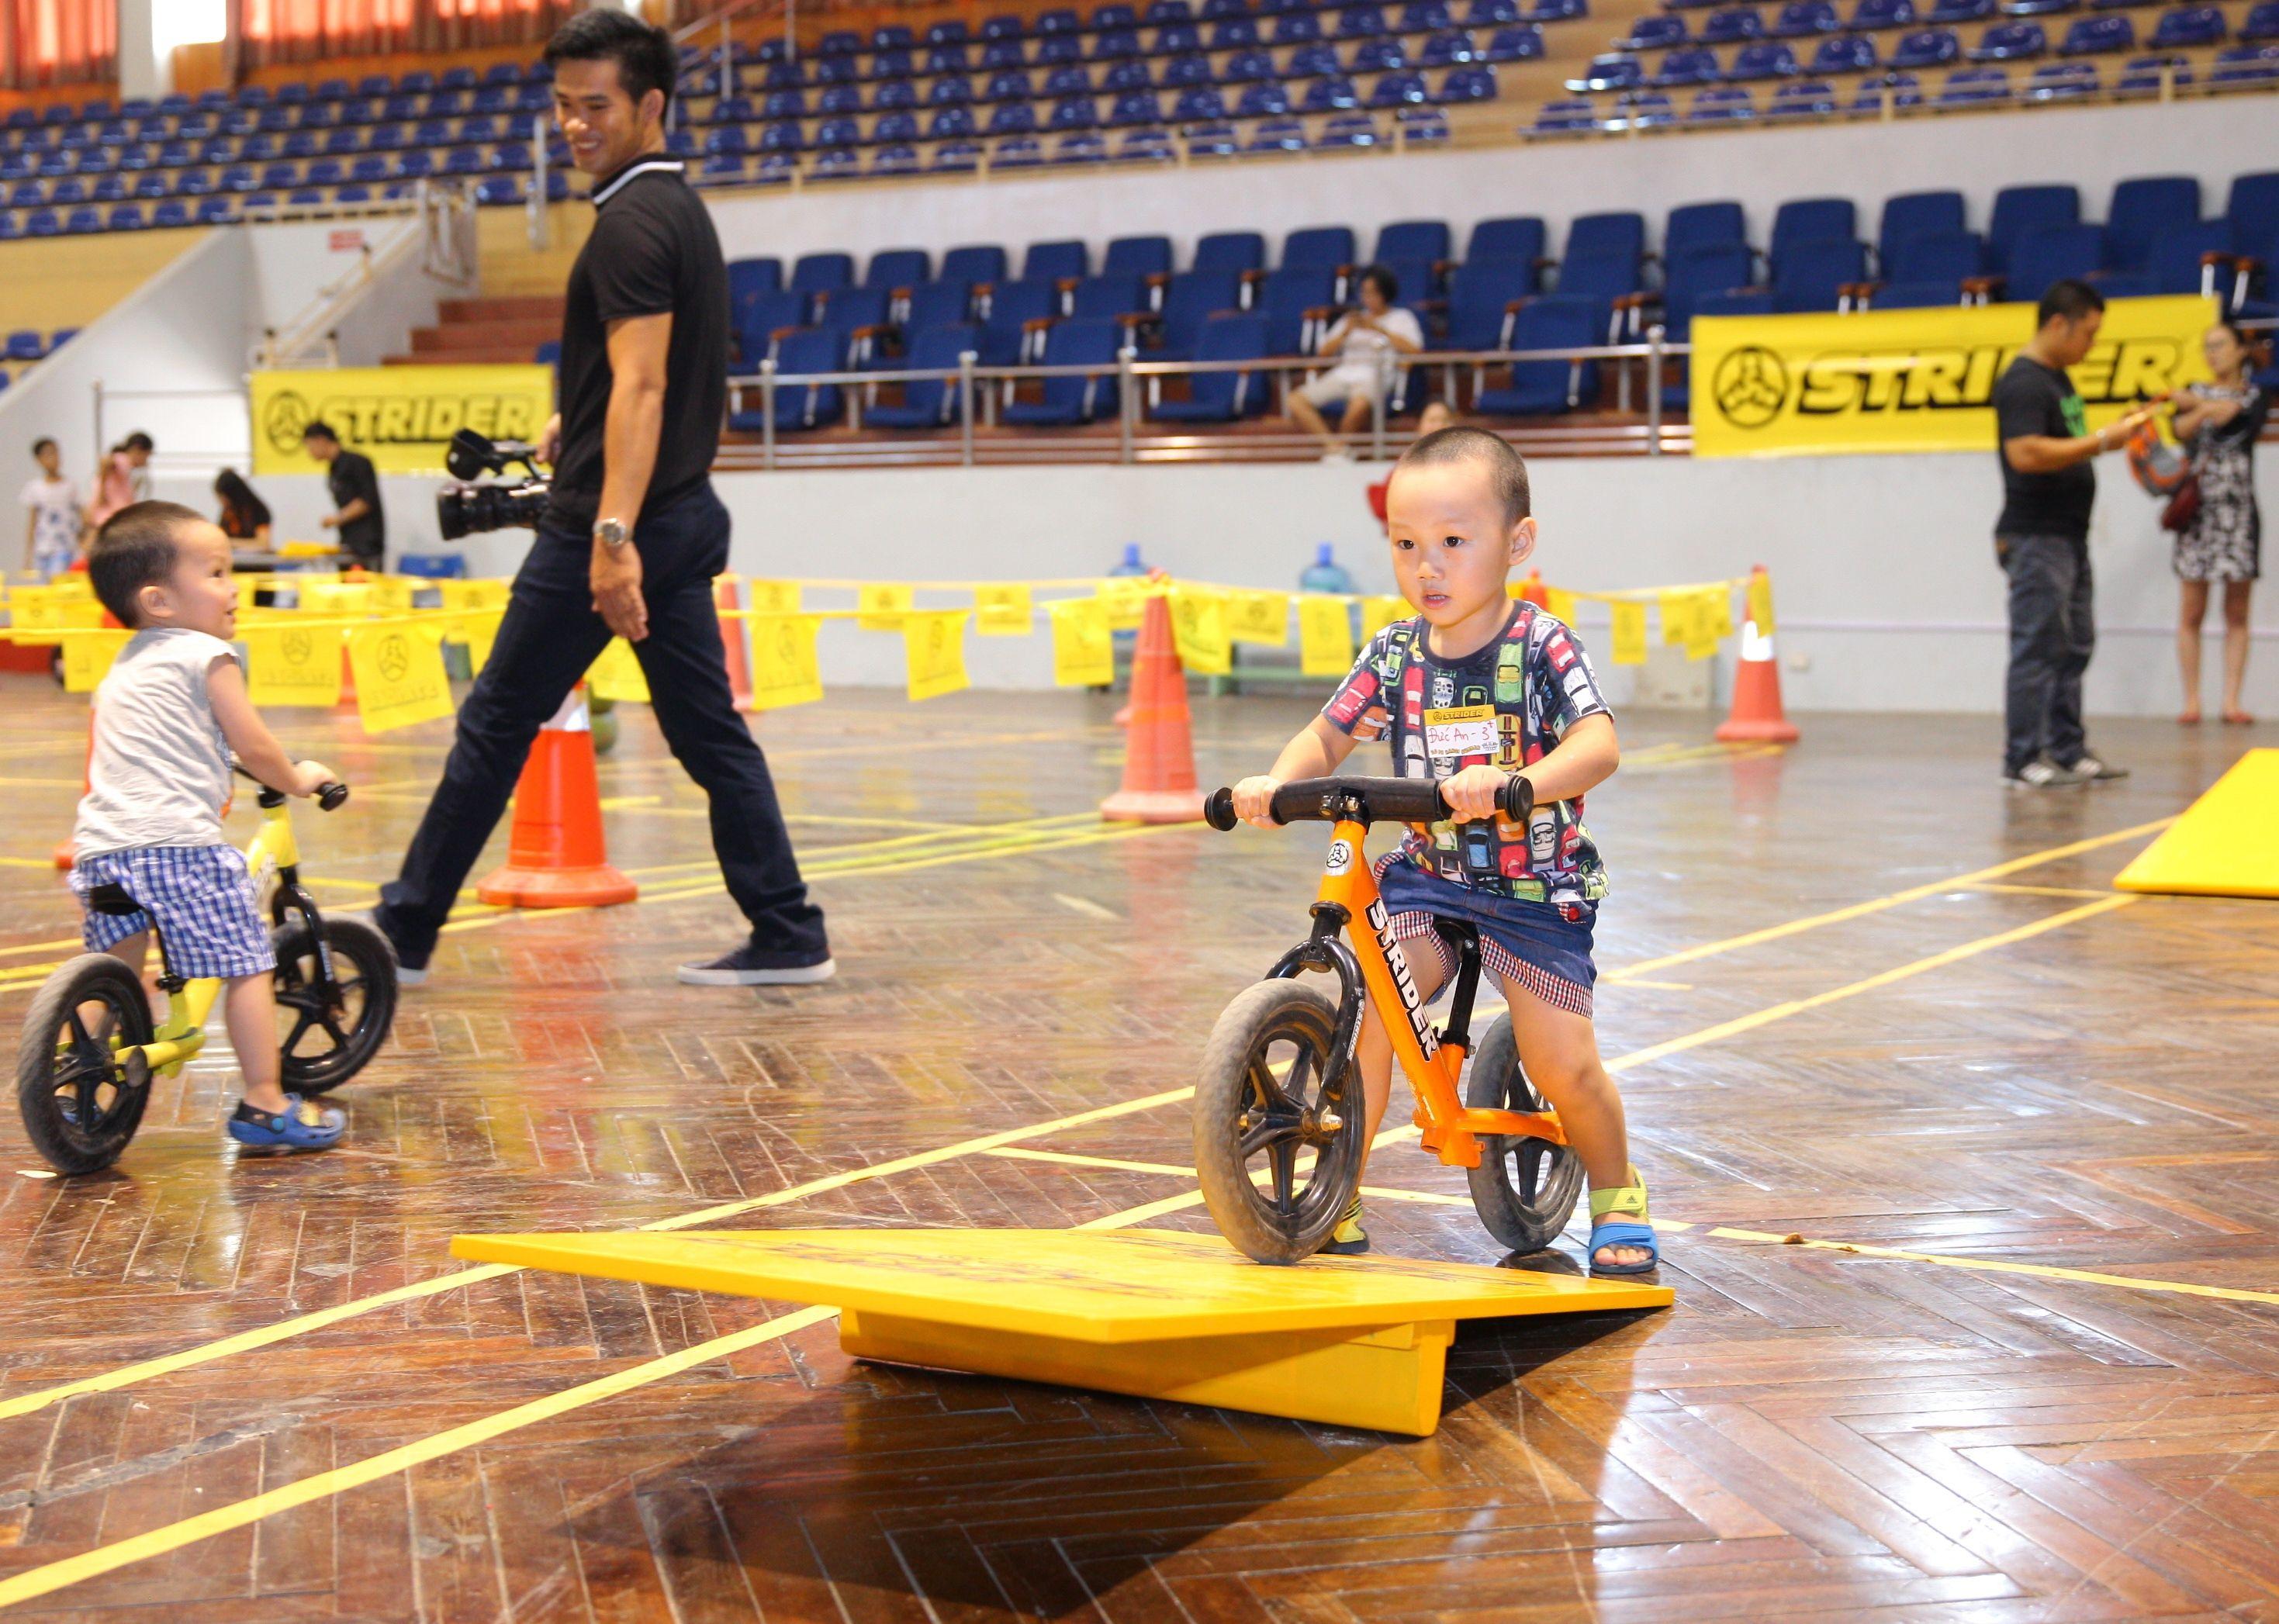 Strider 2016 Summer Race In Hanoi Vietnam Going Over The